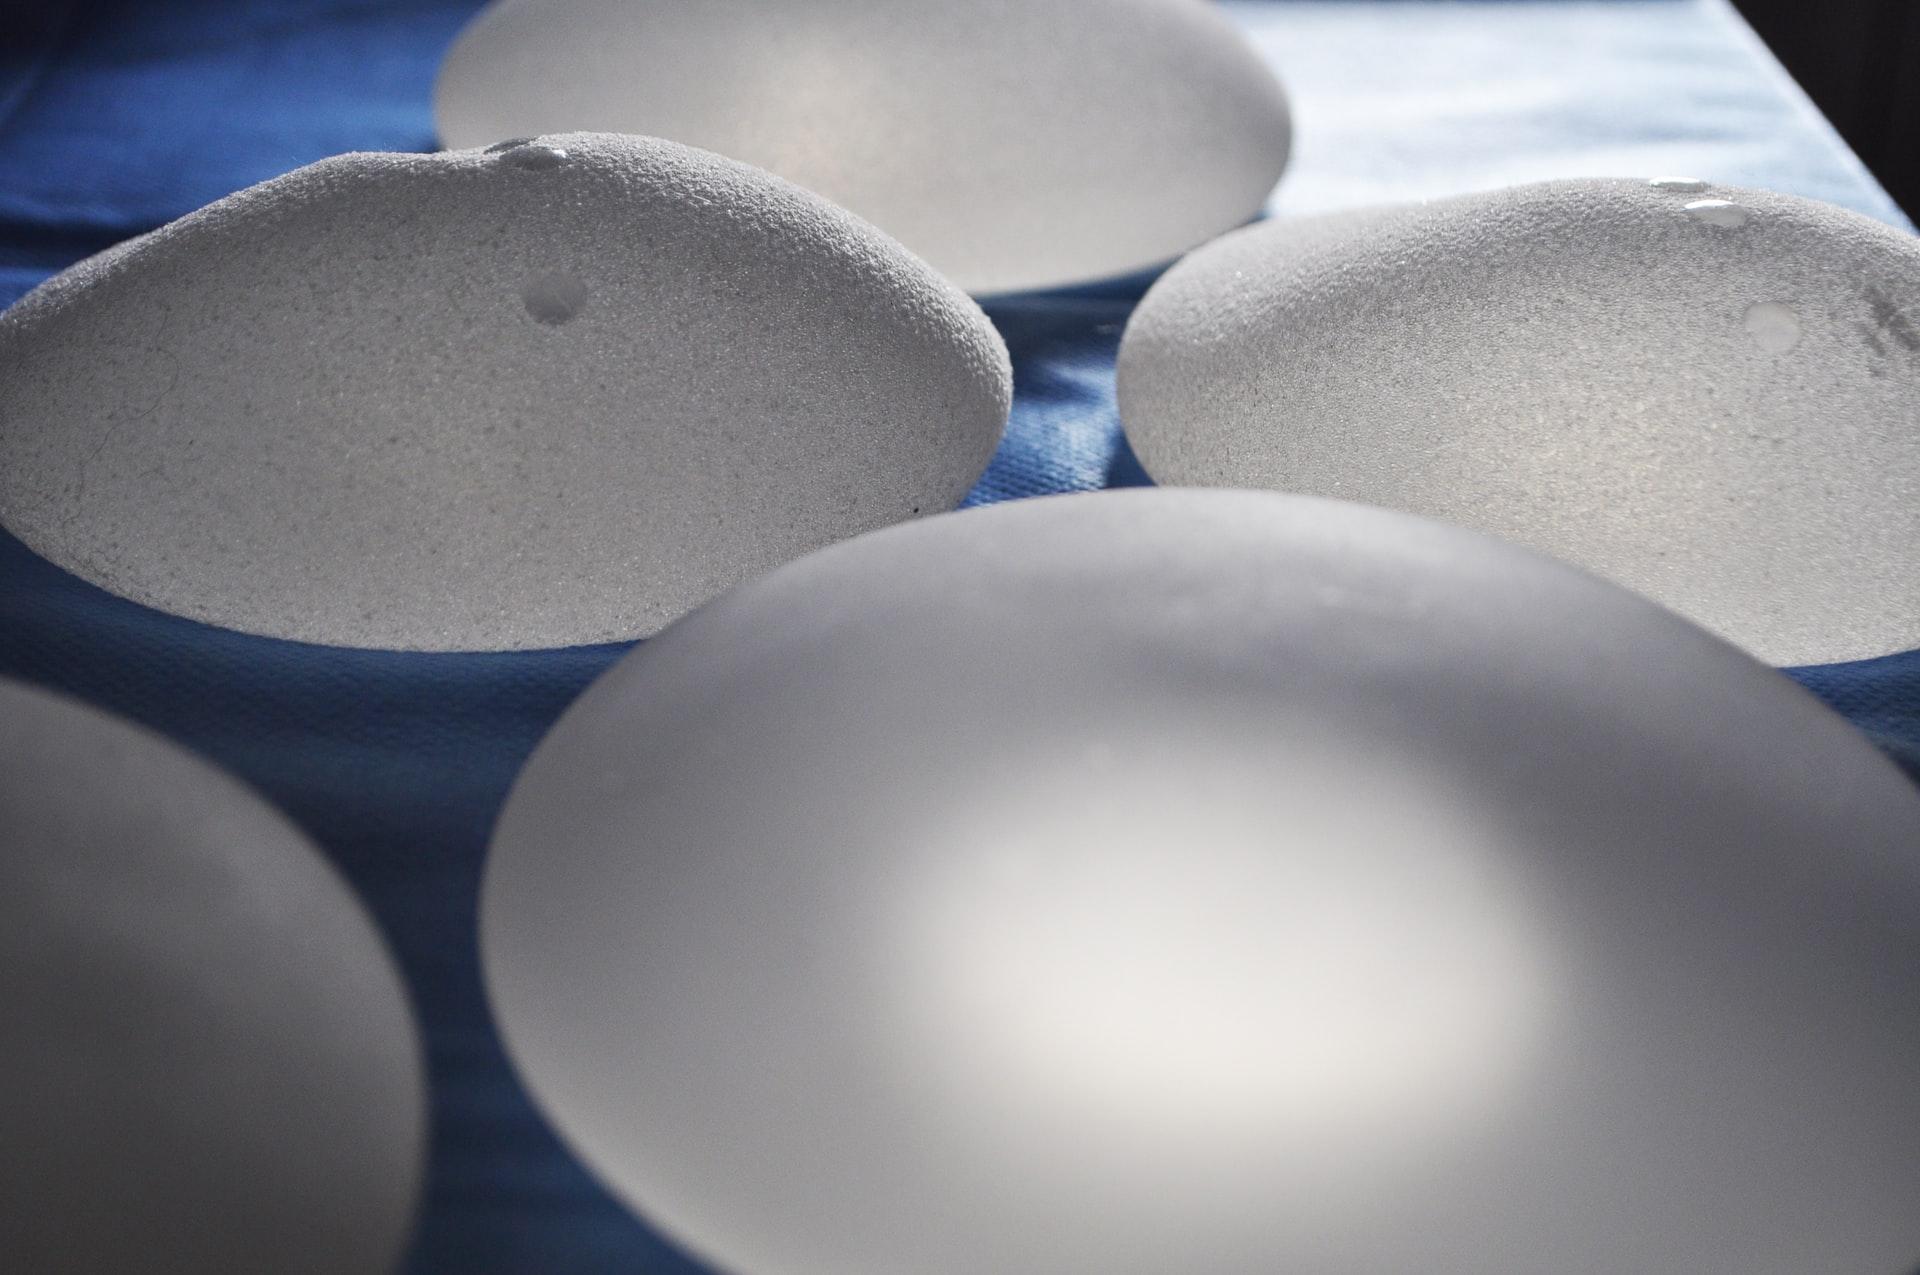 Allergan-Implantate: Rückruf wegen Krebs-Risikos